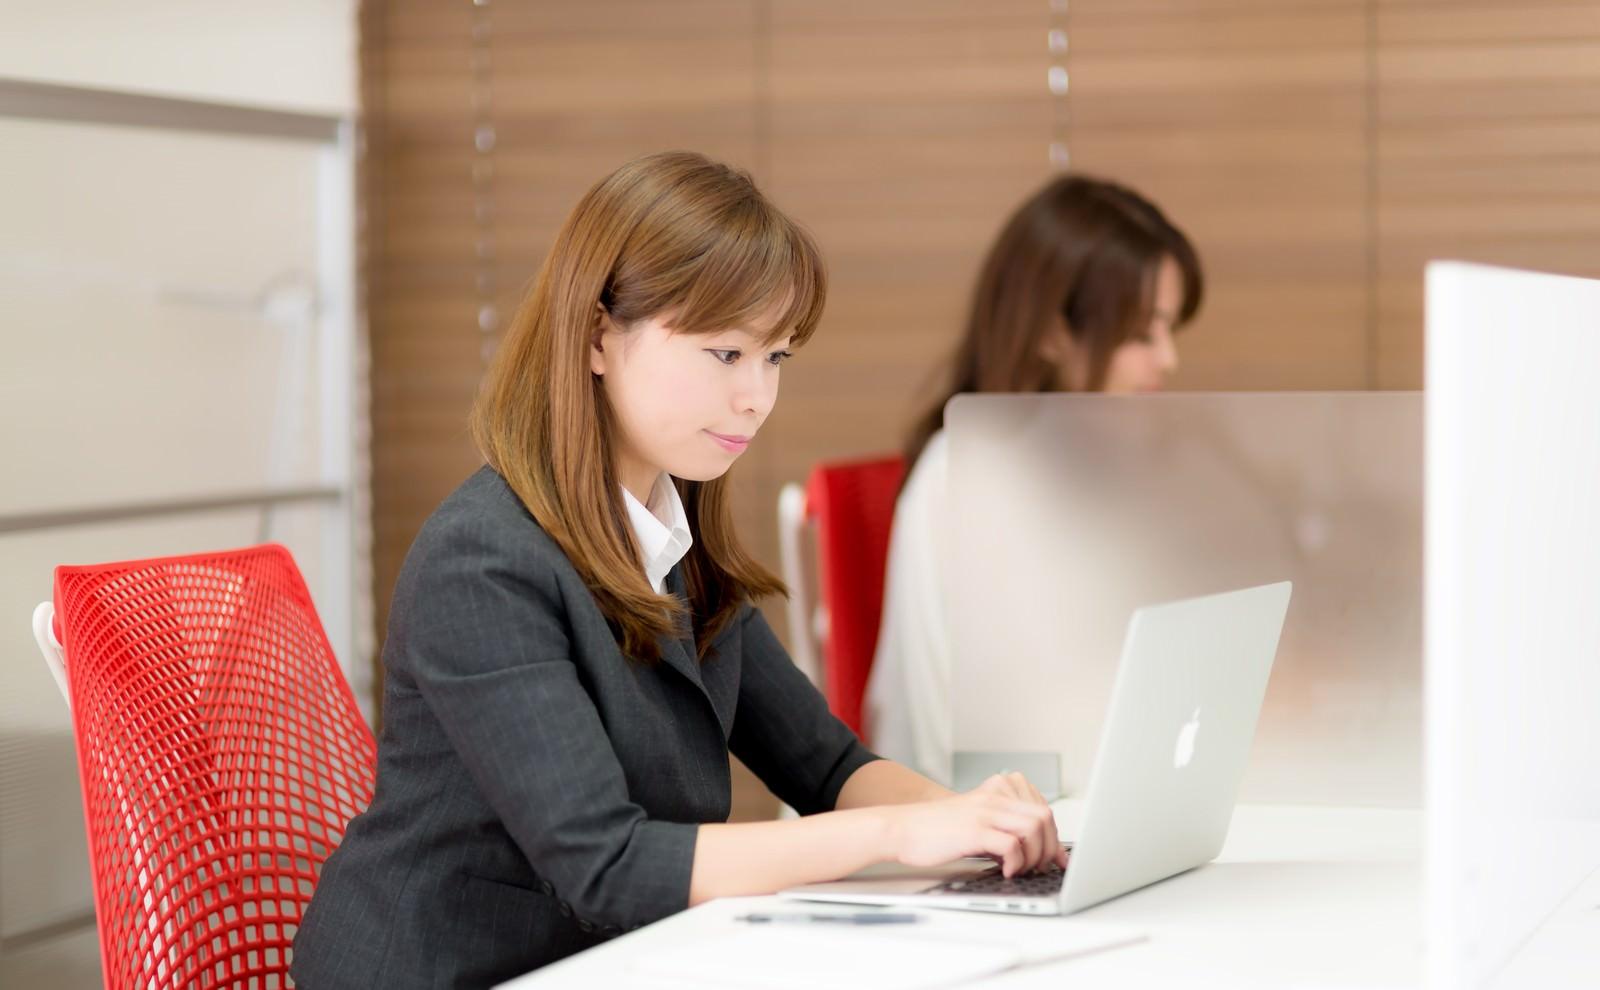 「コワーキングスペースでちゃんと仕事する女性」[モデル:暢子]